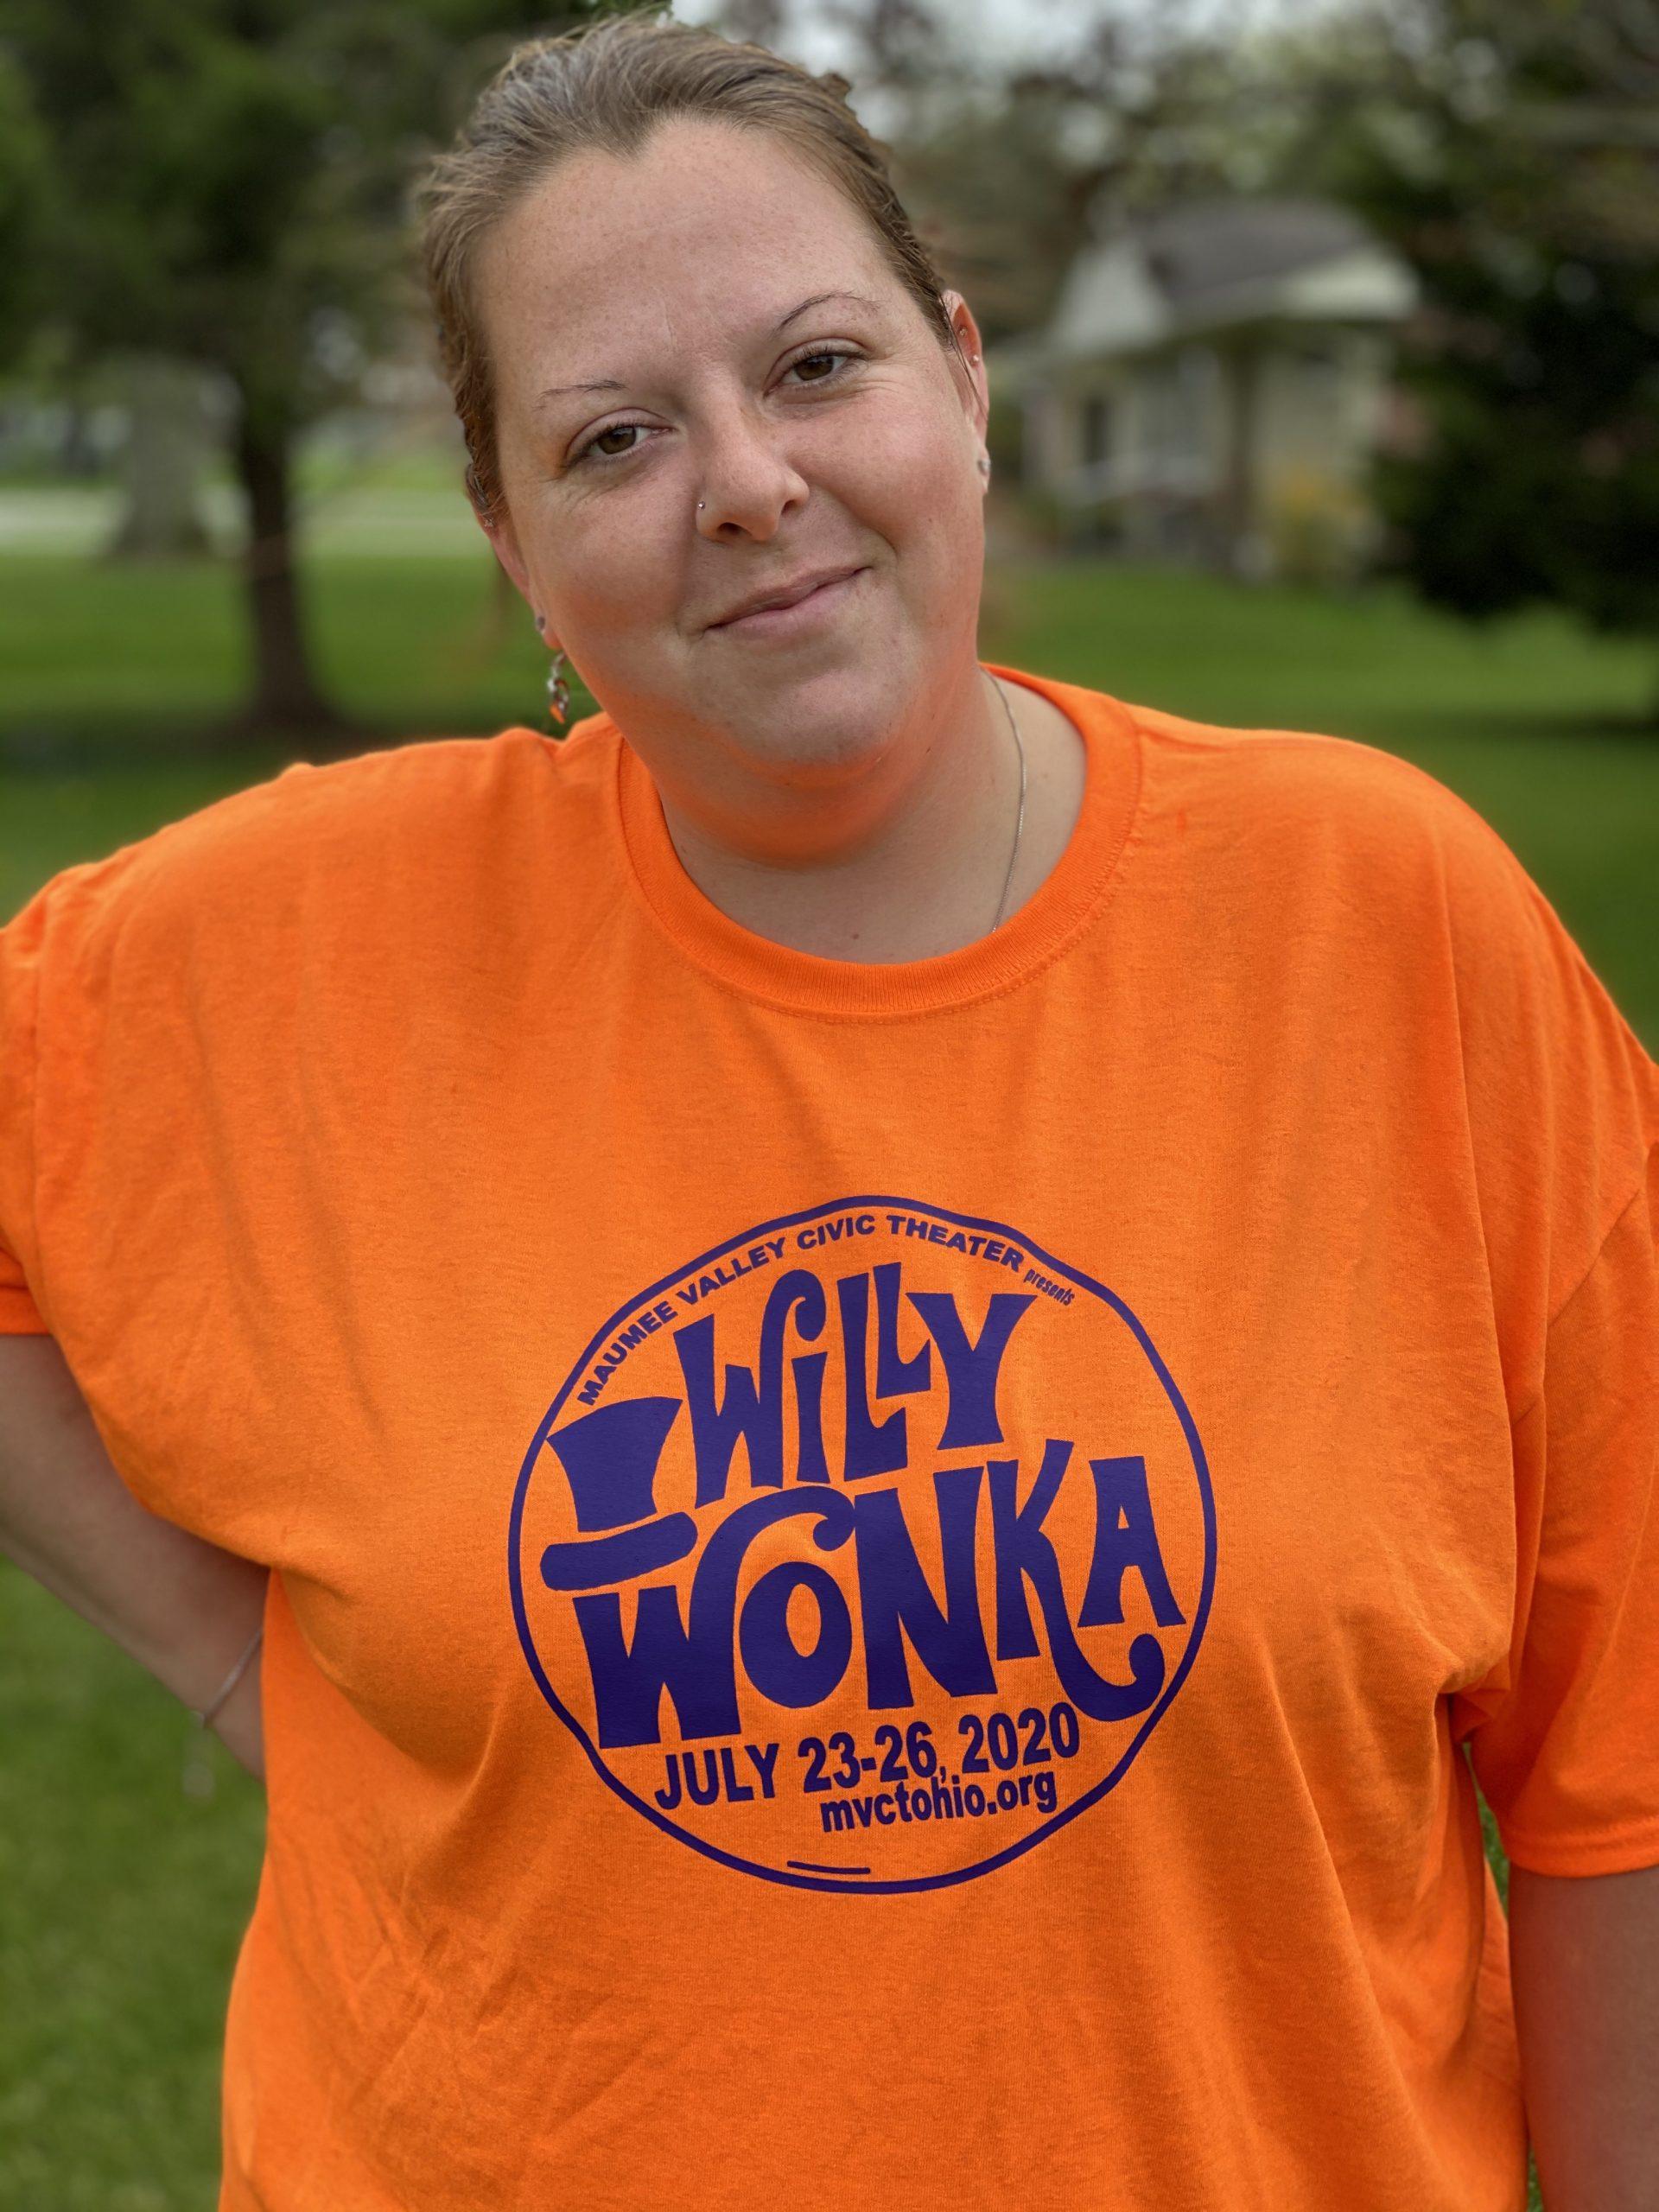 2020 MVCT Willy Wonka Show Shirt